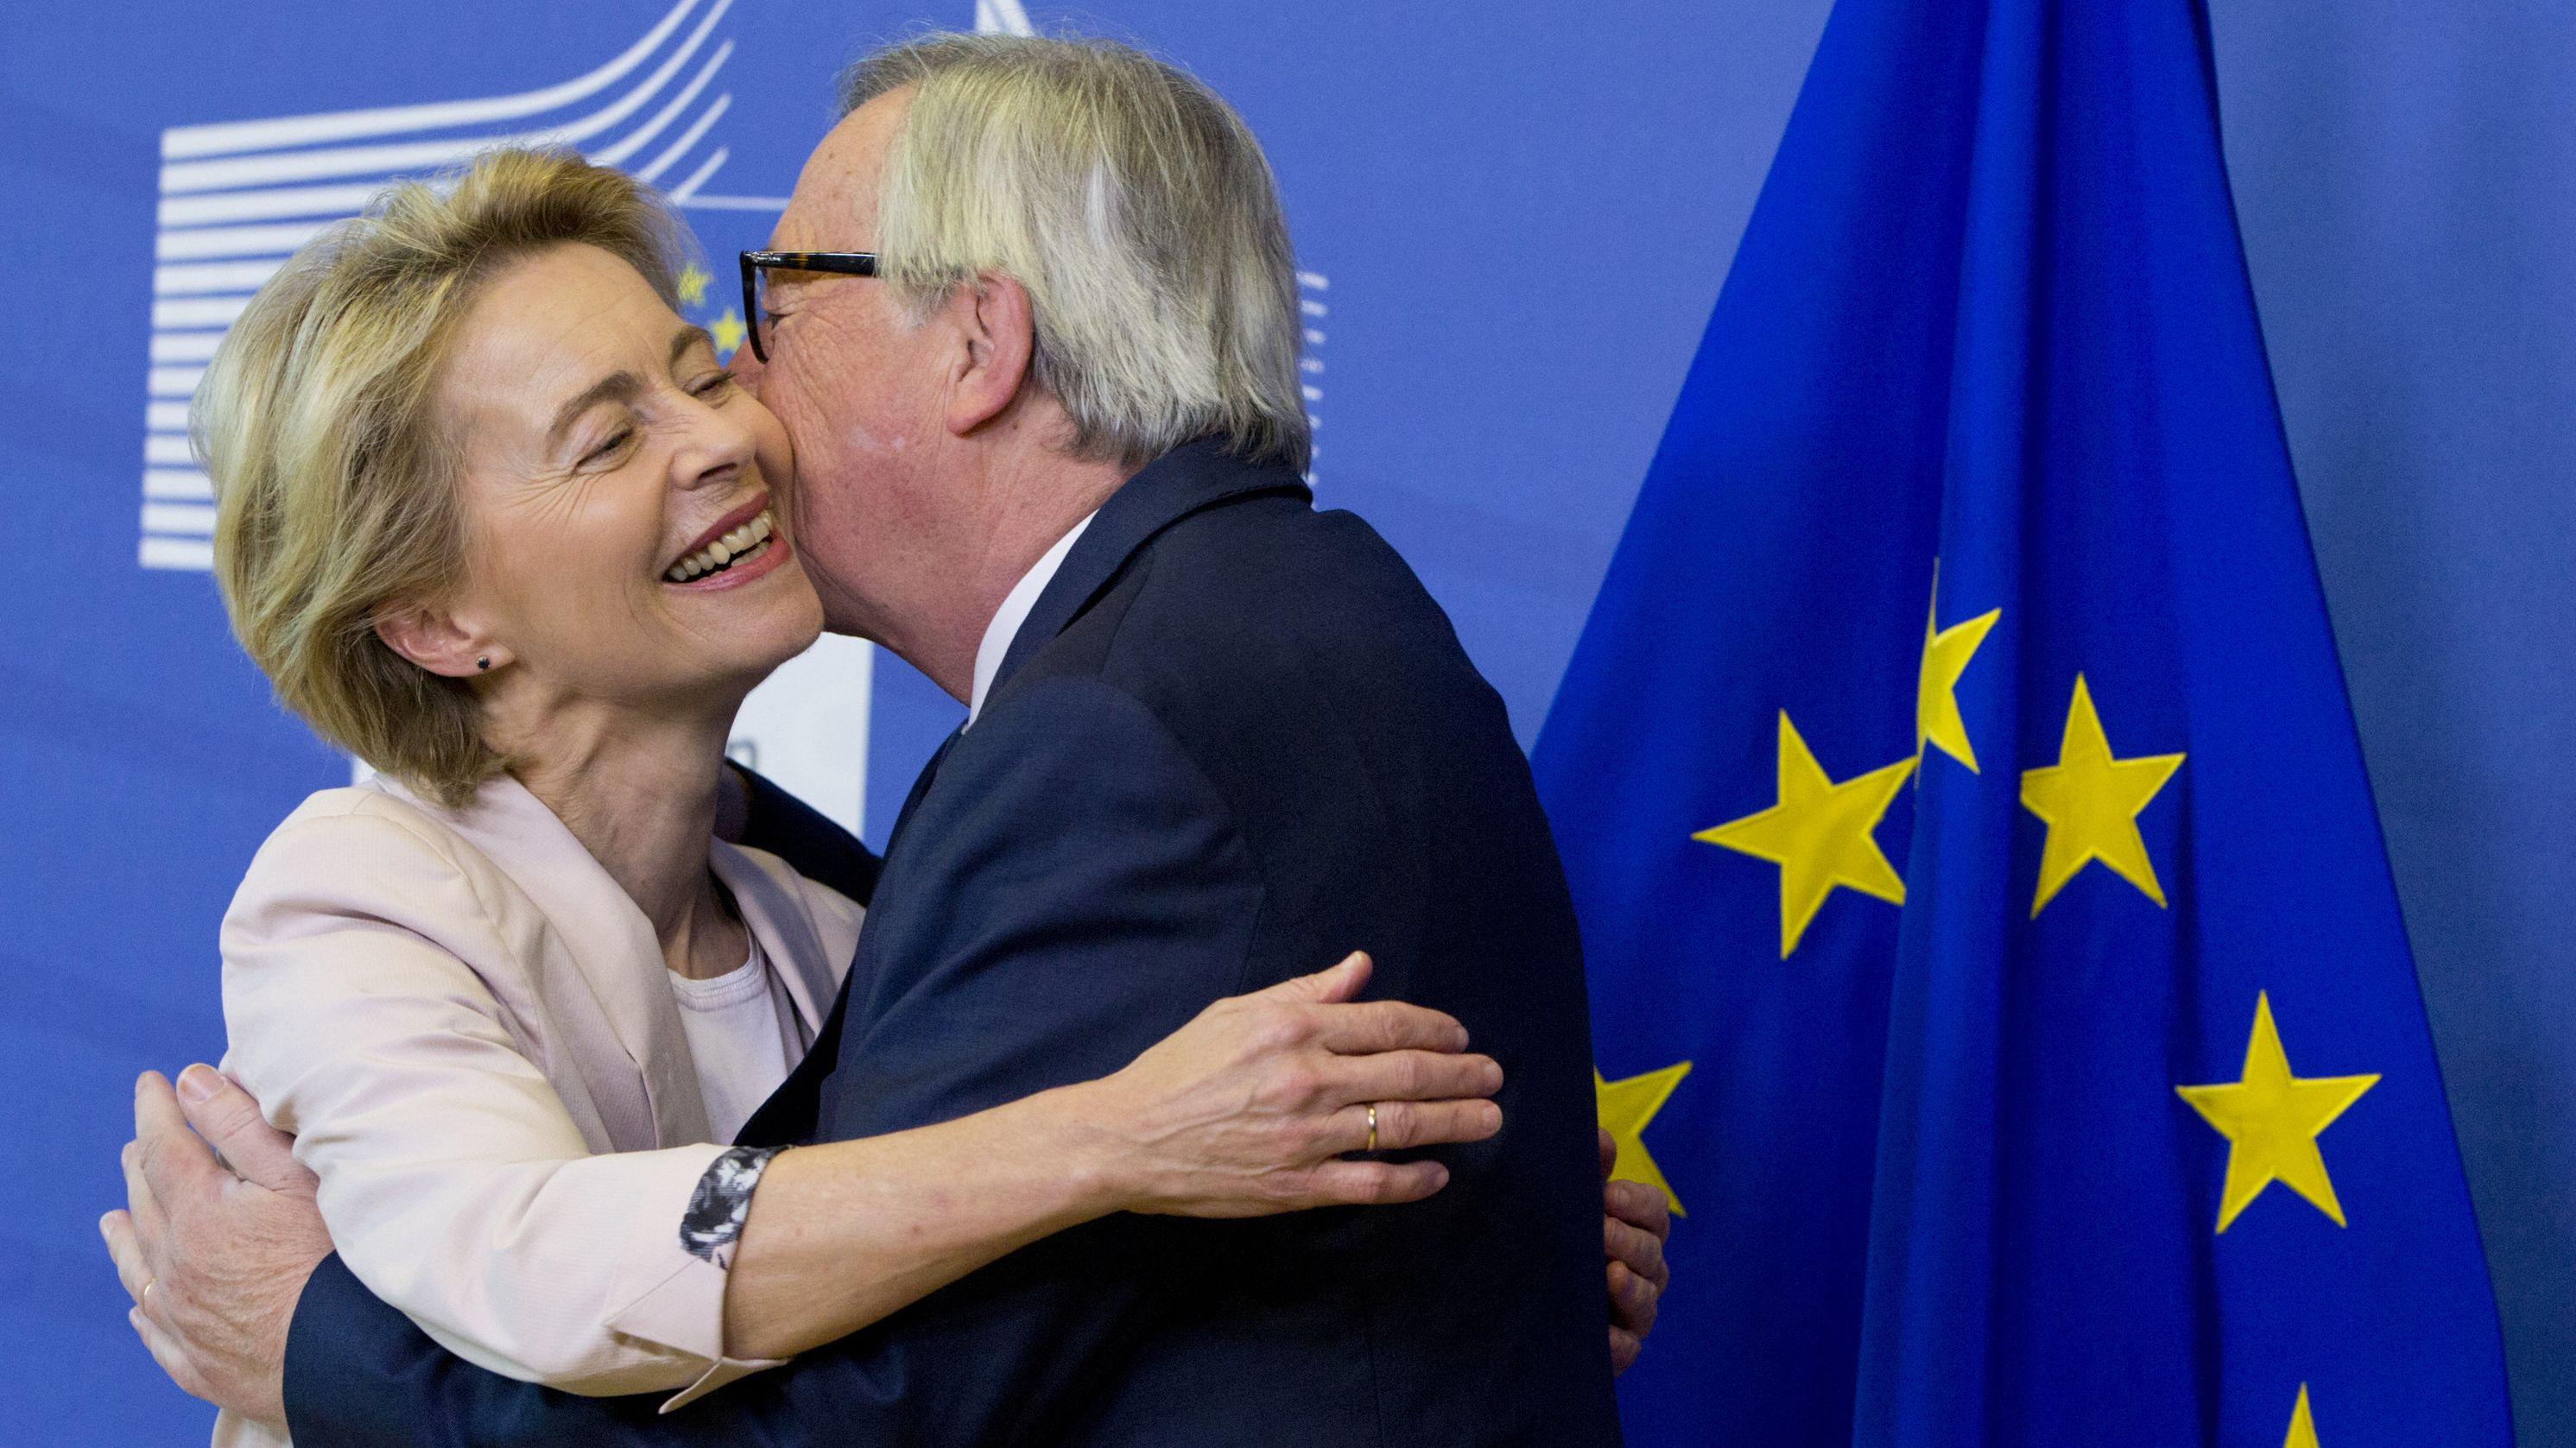 Ursula von der Leyen (CDU) wird von Jean-Claude Juncker (l), amtierender Präsident der Europäischen Kommission, in Brüssel begrüßt.